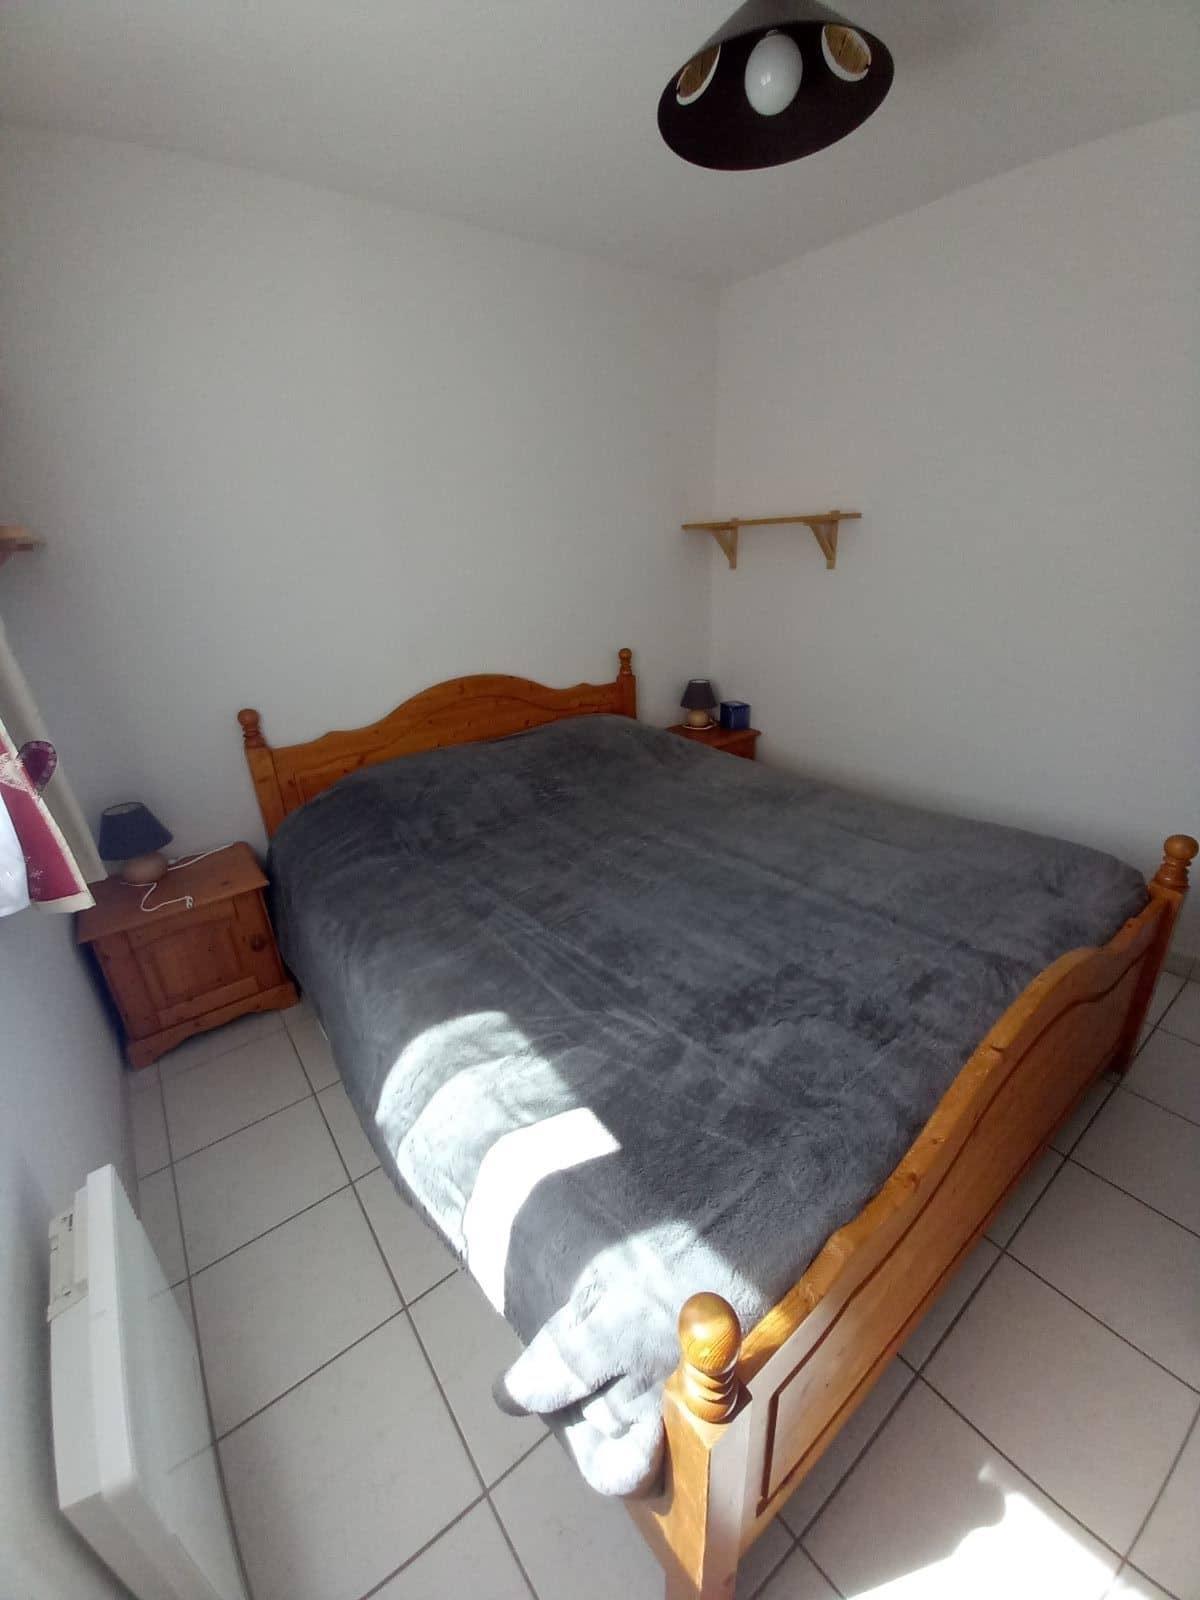 20210705 112536 - SAINT-LEGER-LES-MELEZES T2 DE 42 m² (4 COUCHAGES) AVEC JARDIN